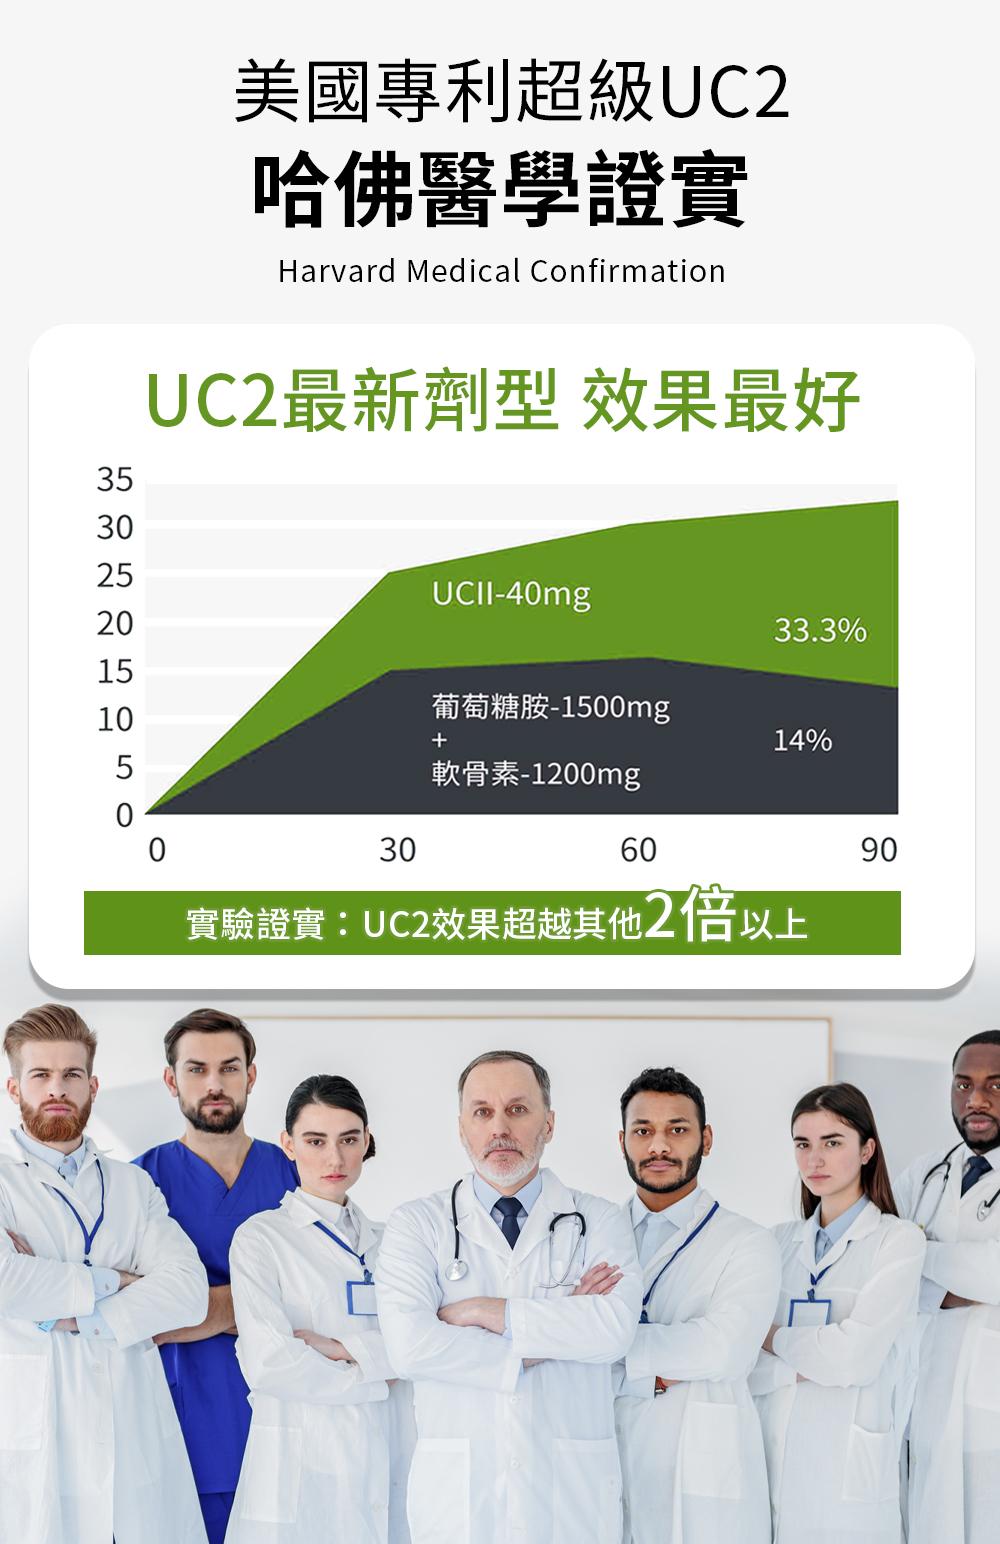 UC2活力步行非變性2型膠原蛋白-美國專利uc2哈佛醫學證實